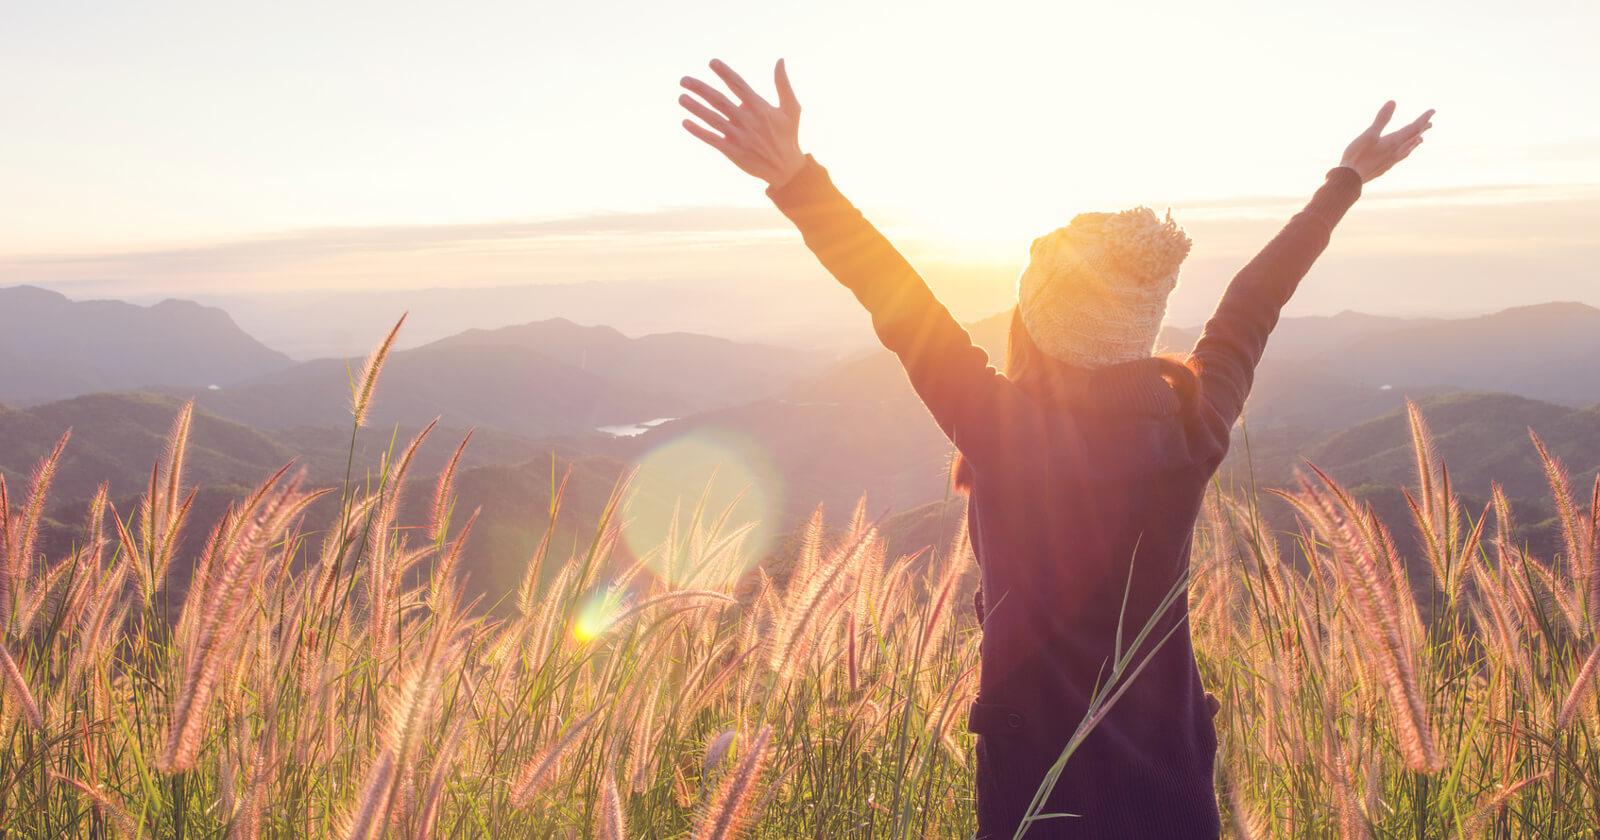 Darmreinigung & Darmsanierung Eine Schritt Für Schritt